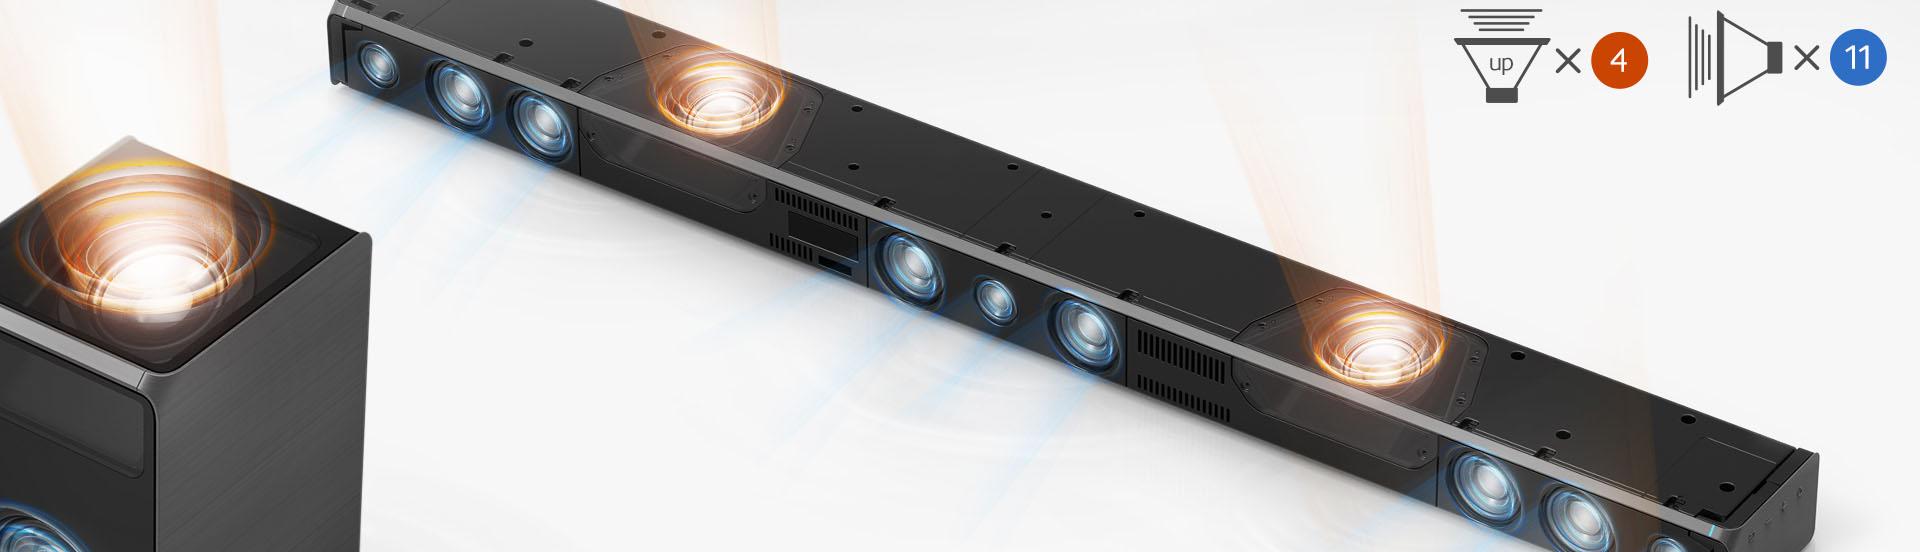 La barre de son Samsung HW-K950 possède 15 hauts-parleurs pour un total de 500 Watts RMS